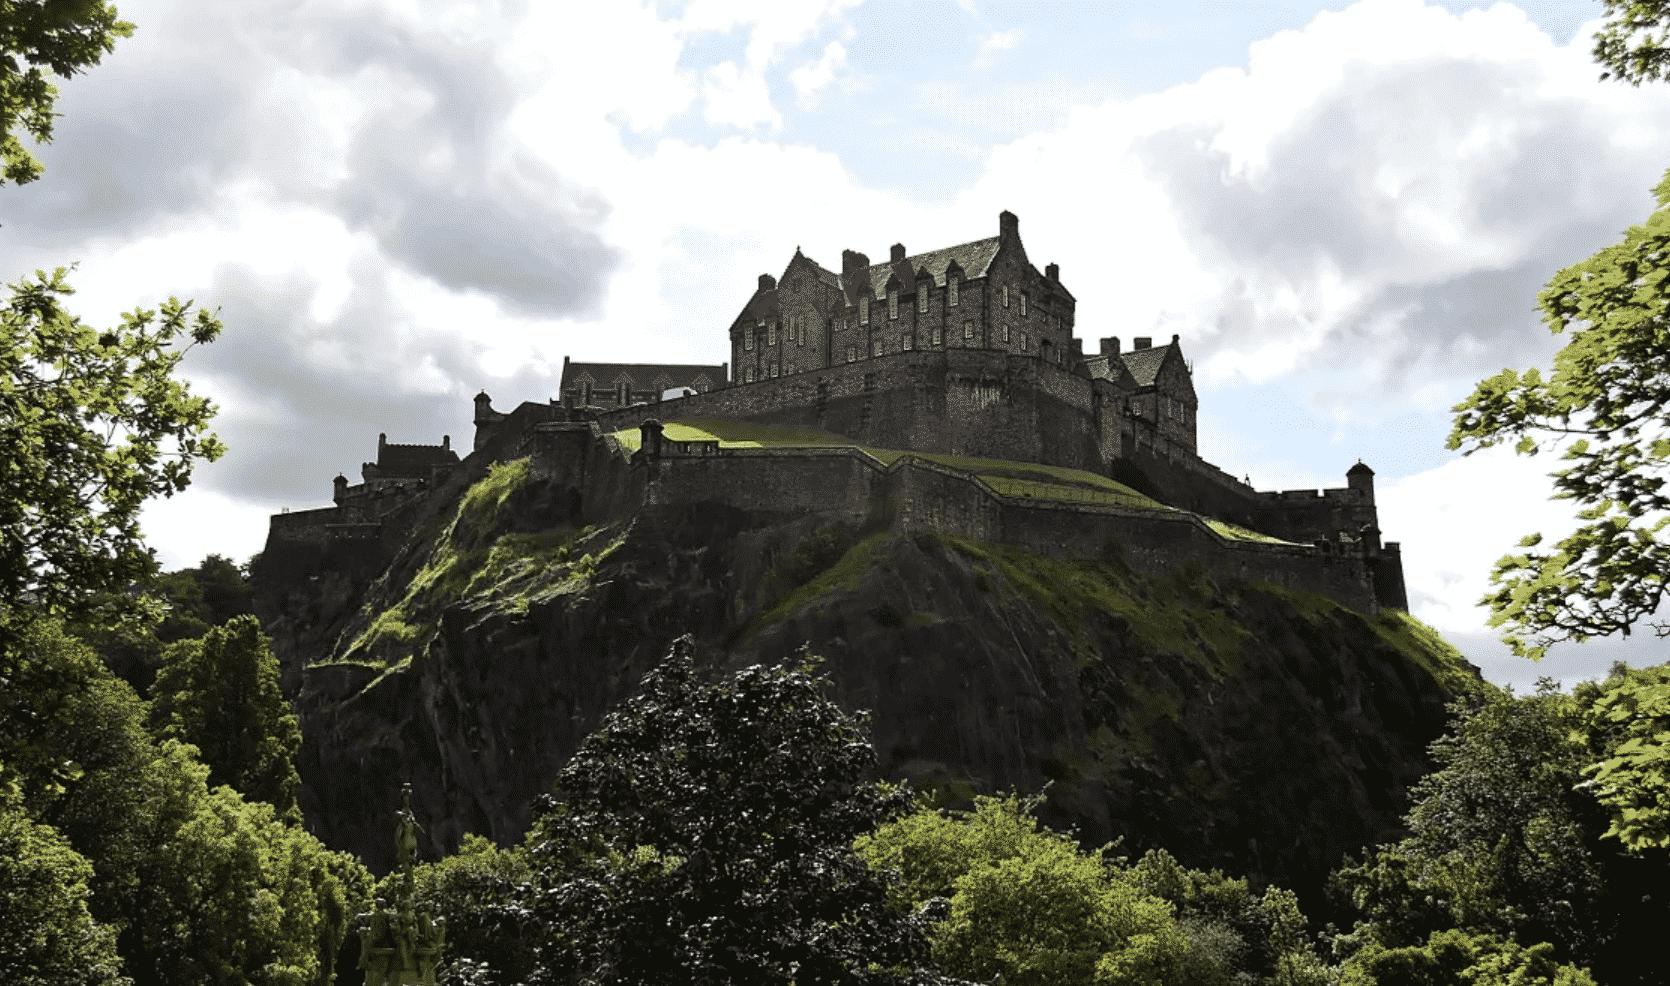 edinburgh castle - micro businesses in scotland